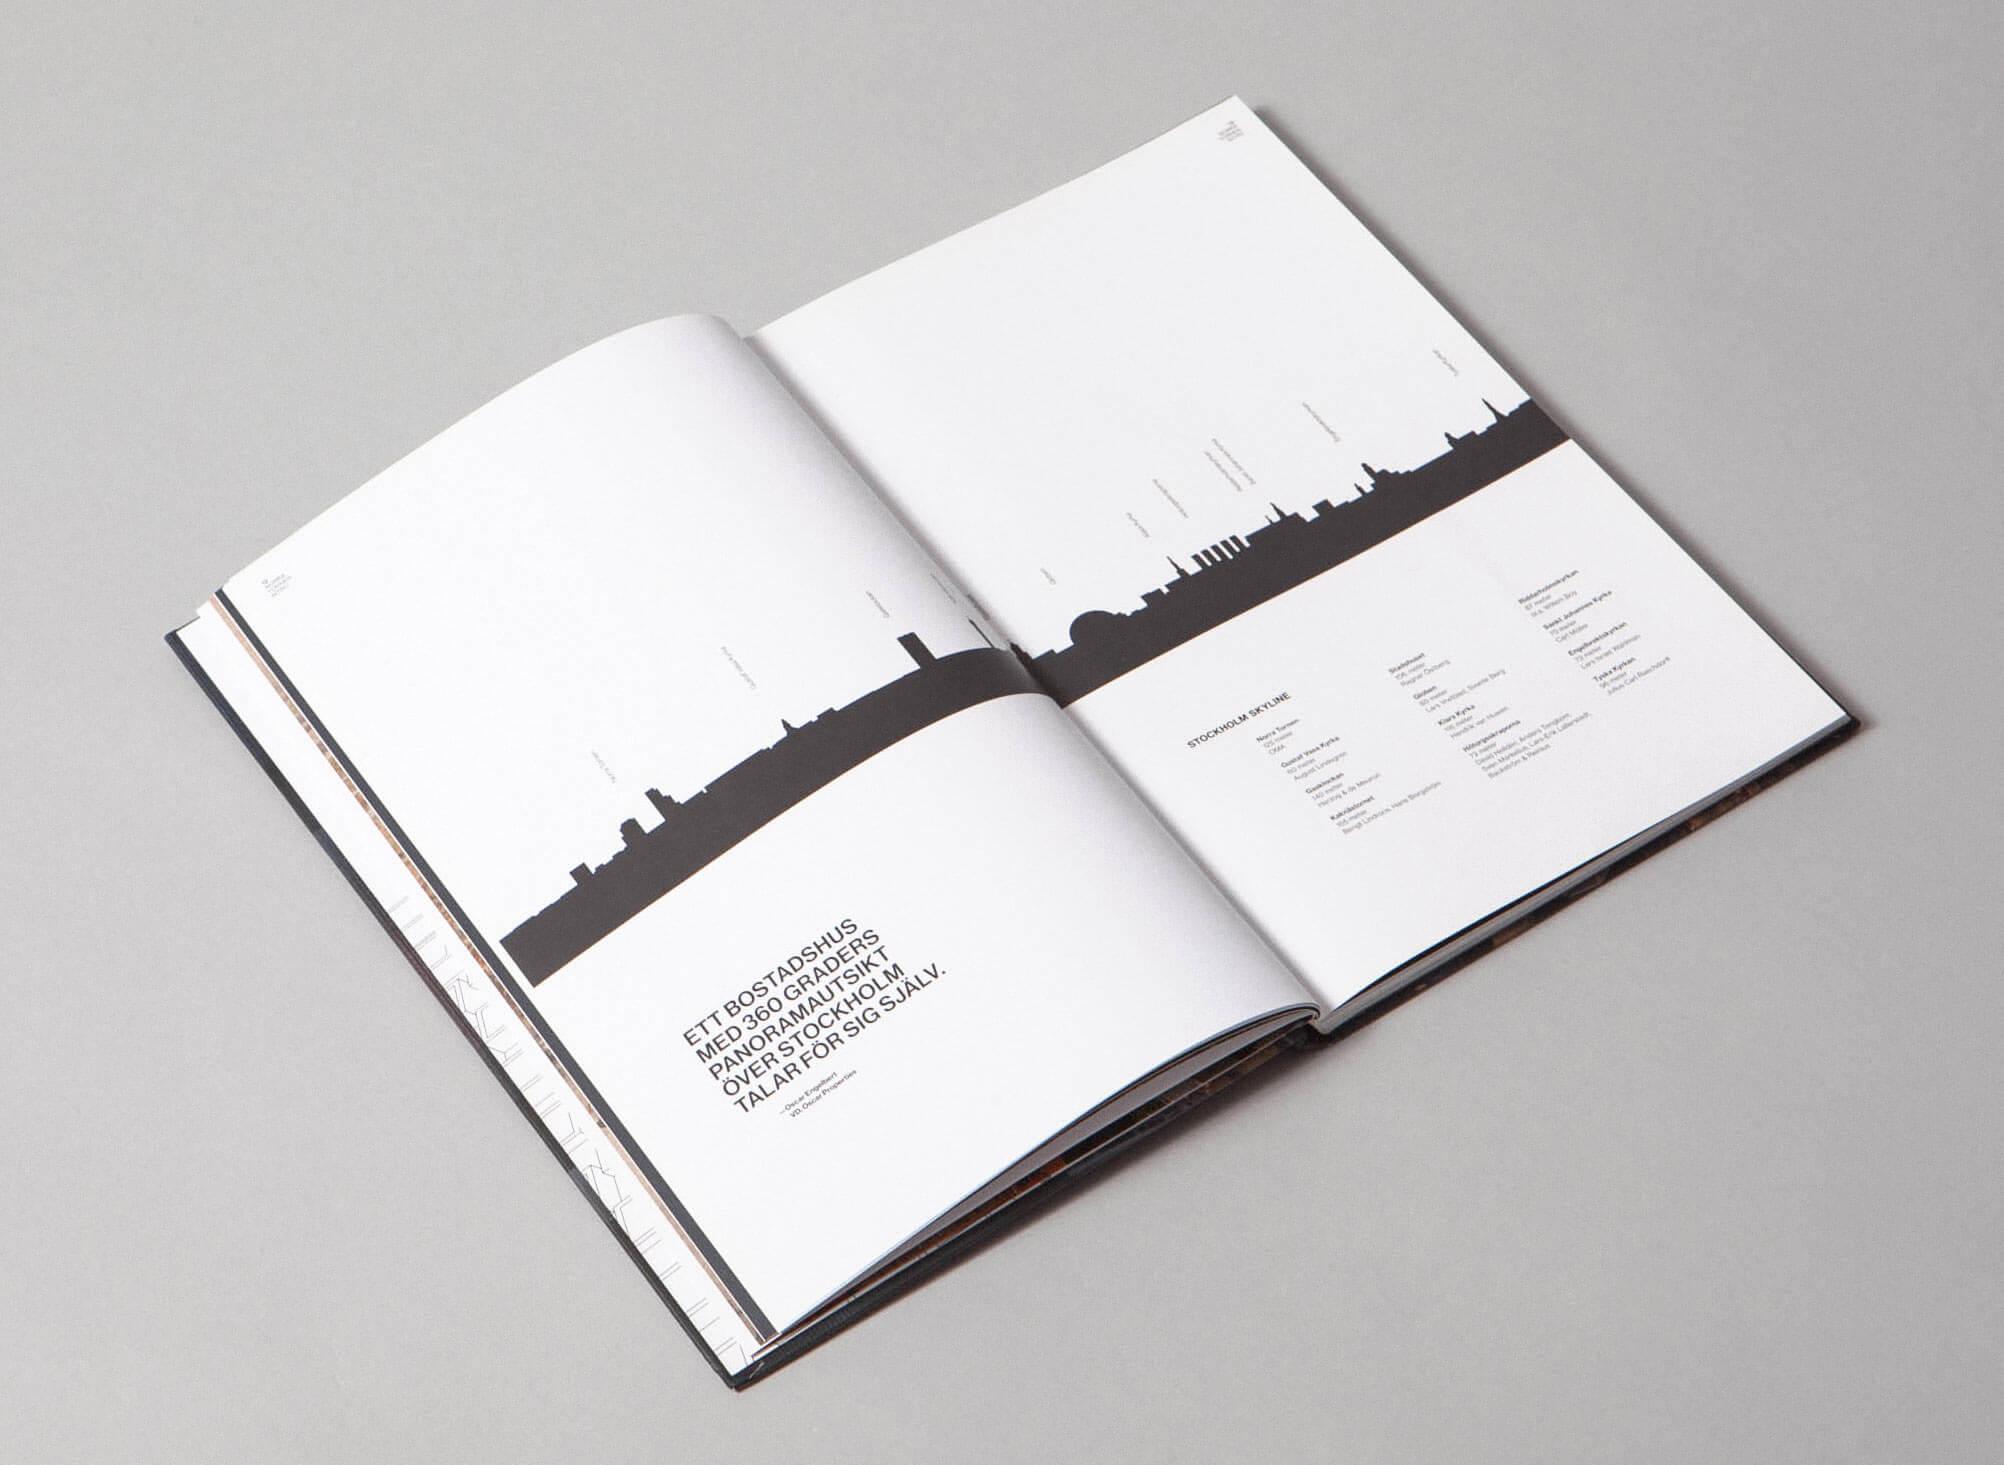 norra-tornen-book-7